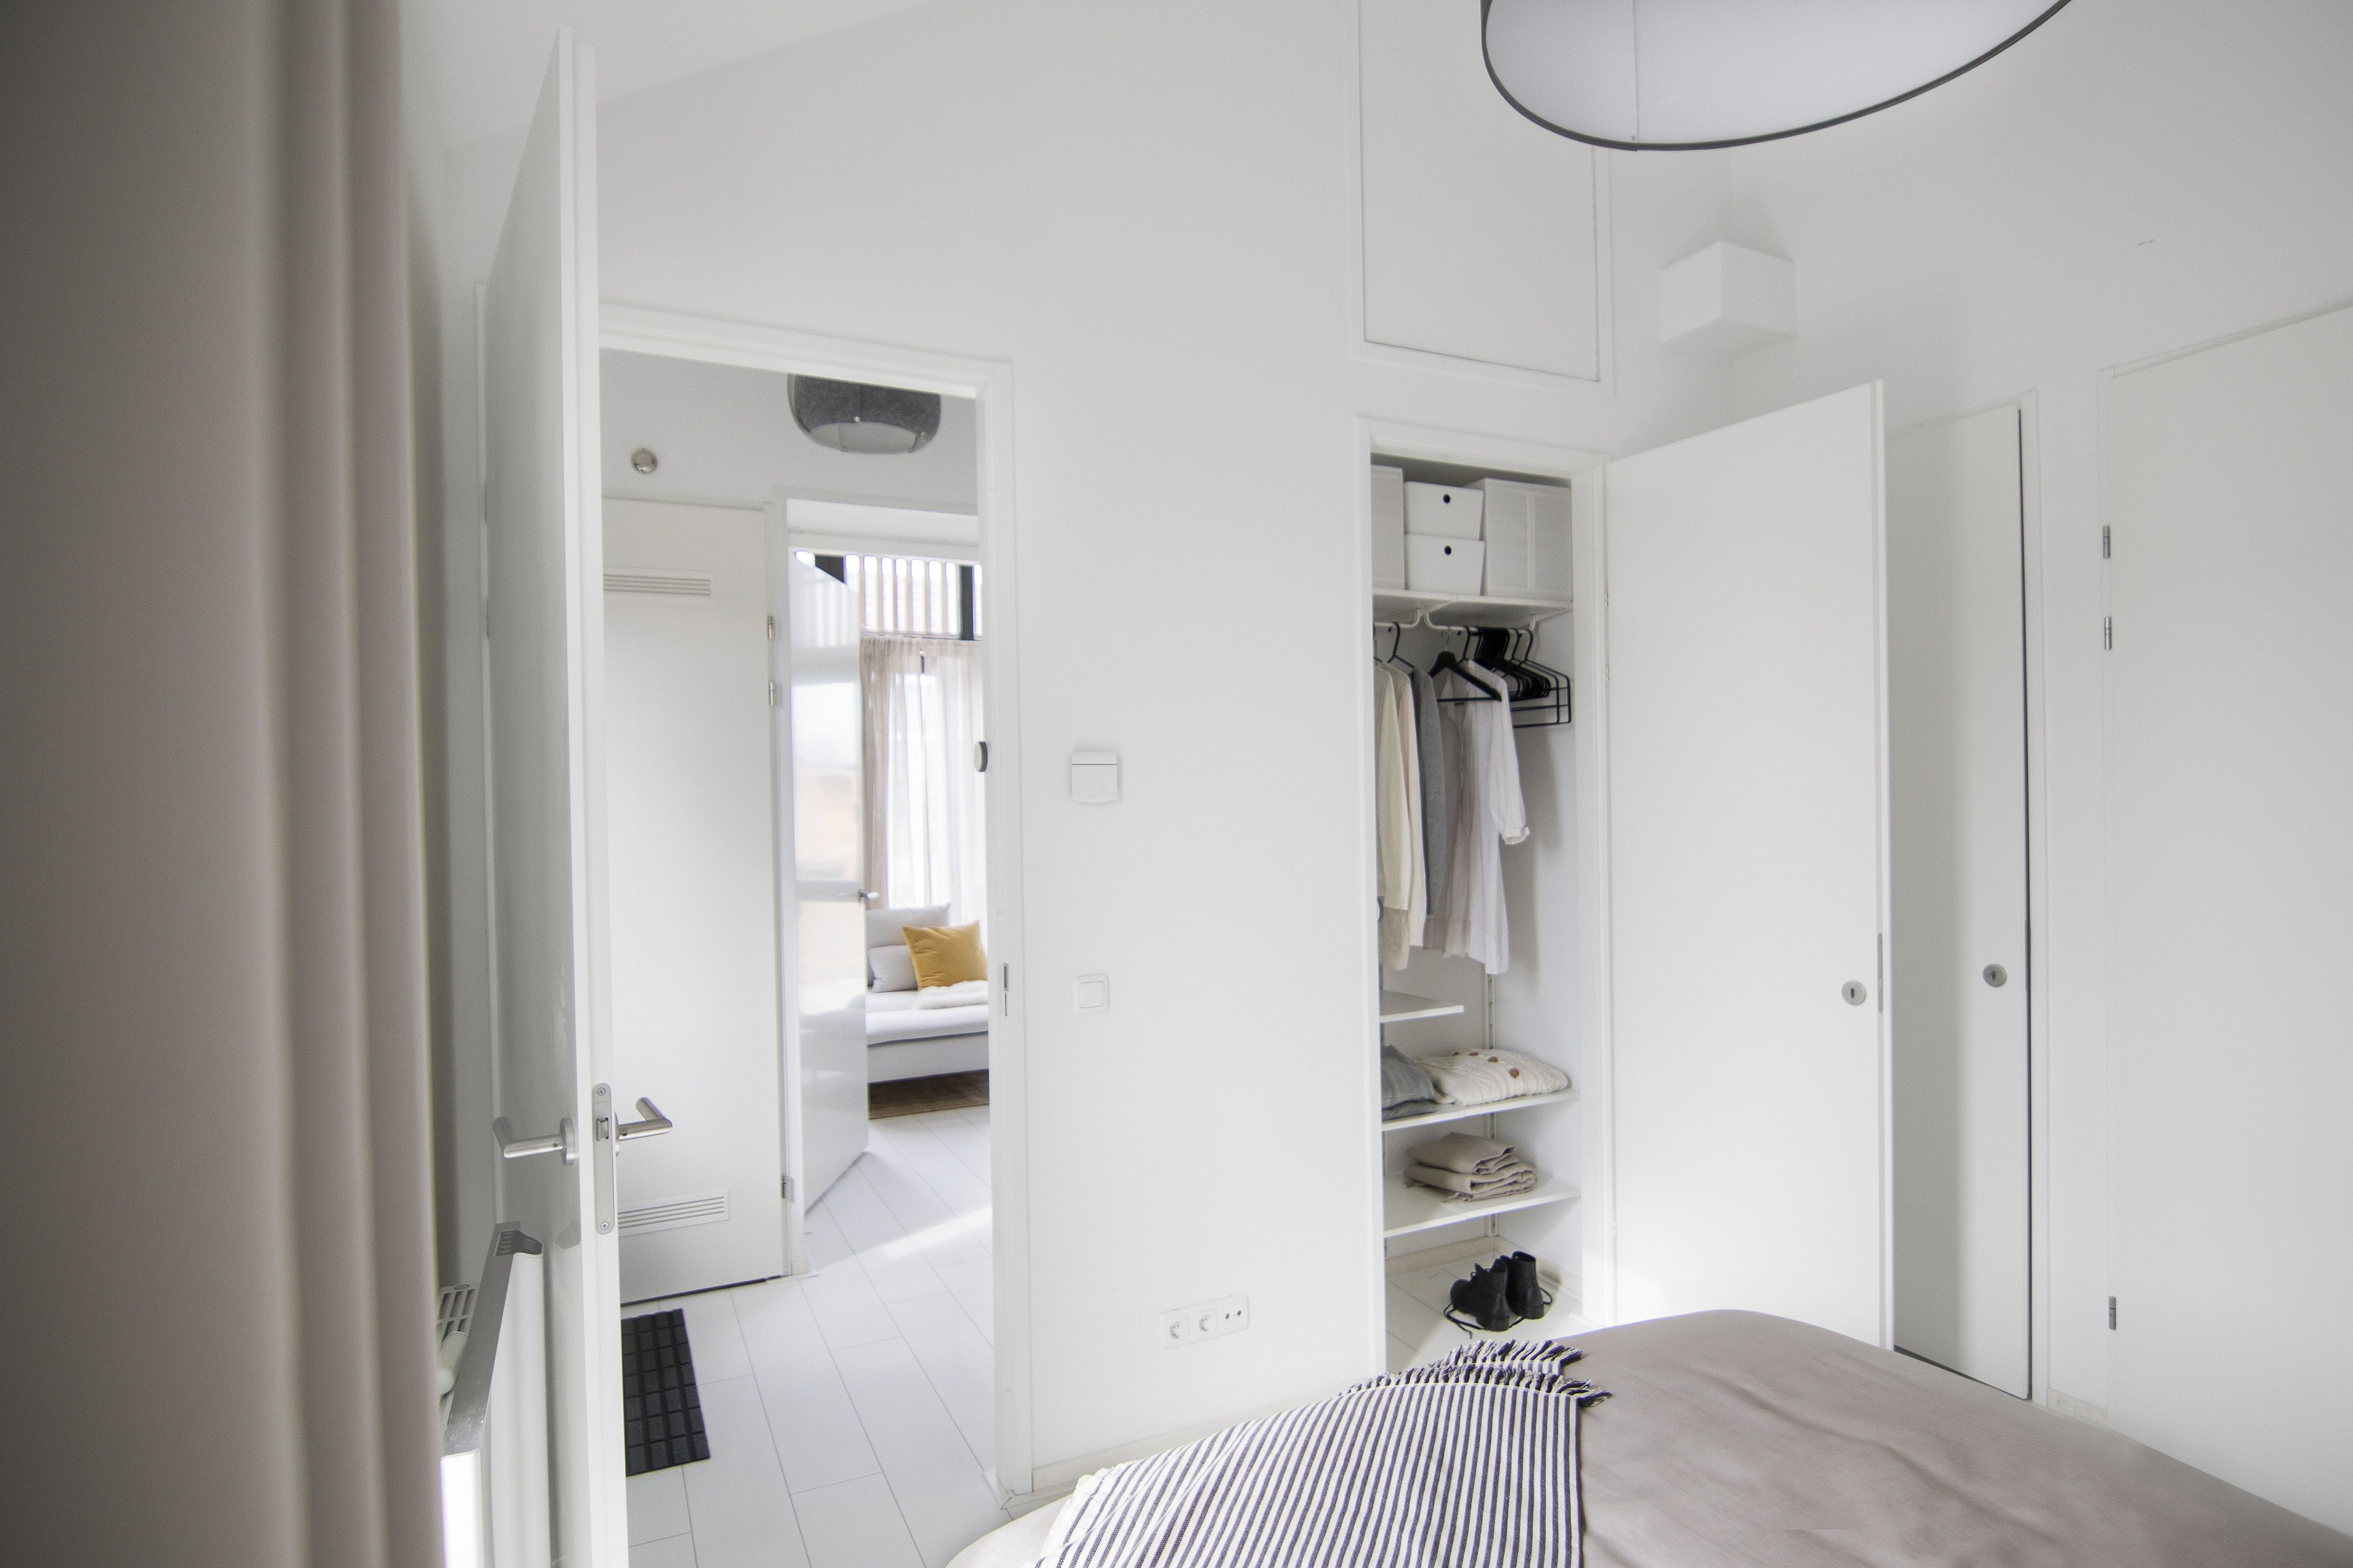 Duurzaam wonen op 38 m² | IKEA IKEAnl IKEAnederland inspiratie ...